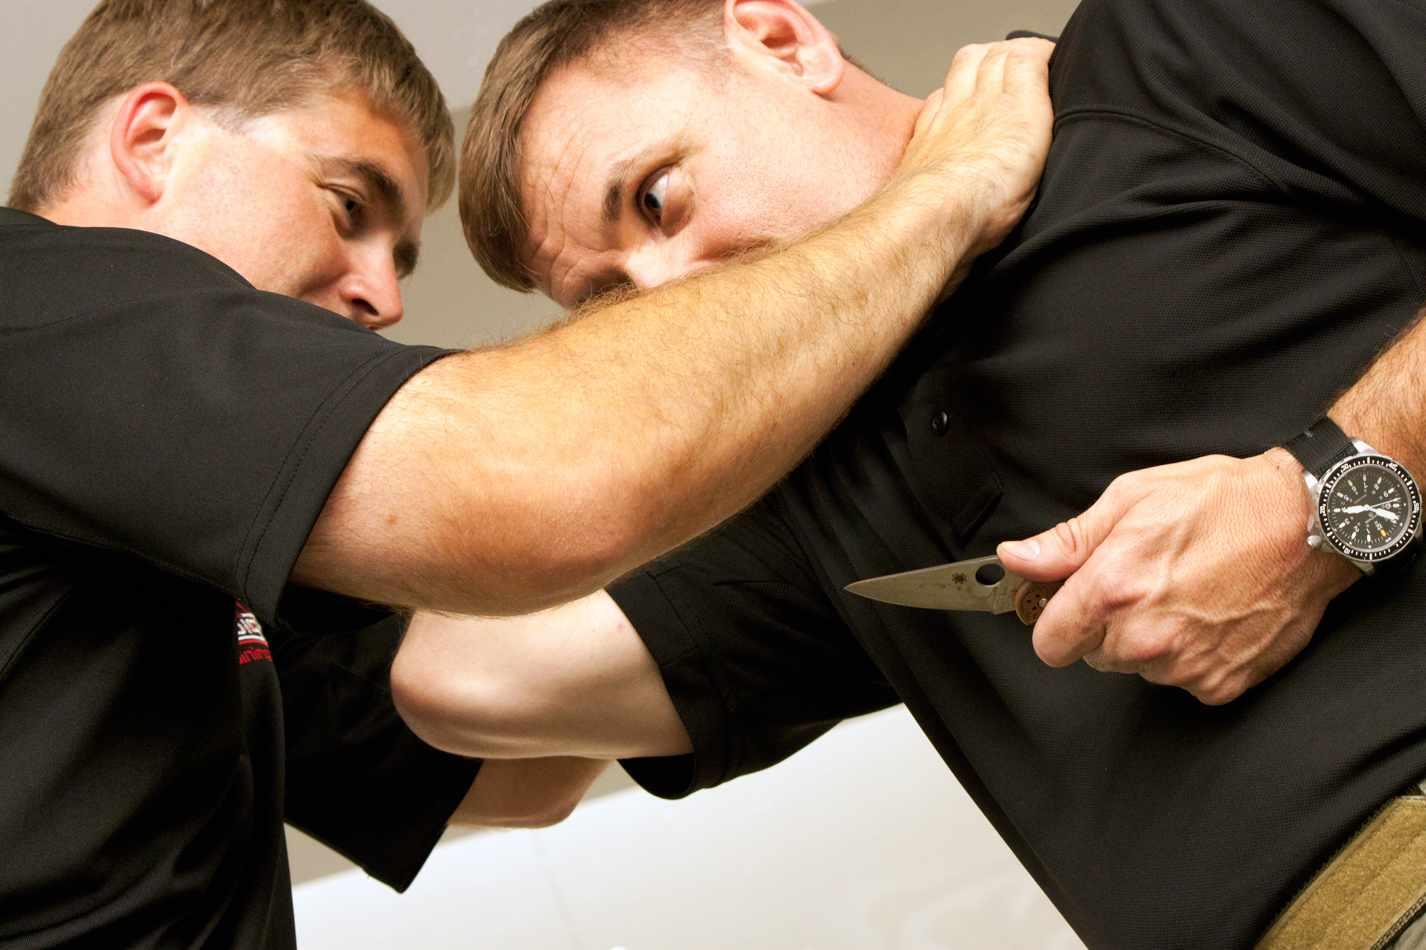 Αυτοάμυνα με μαχαίρι